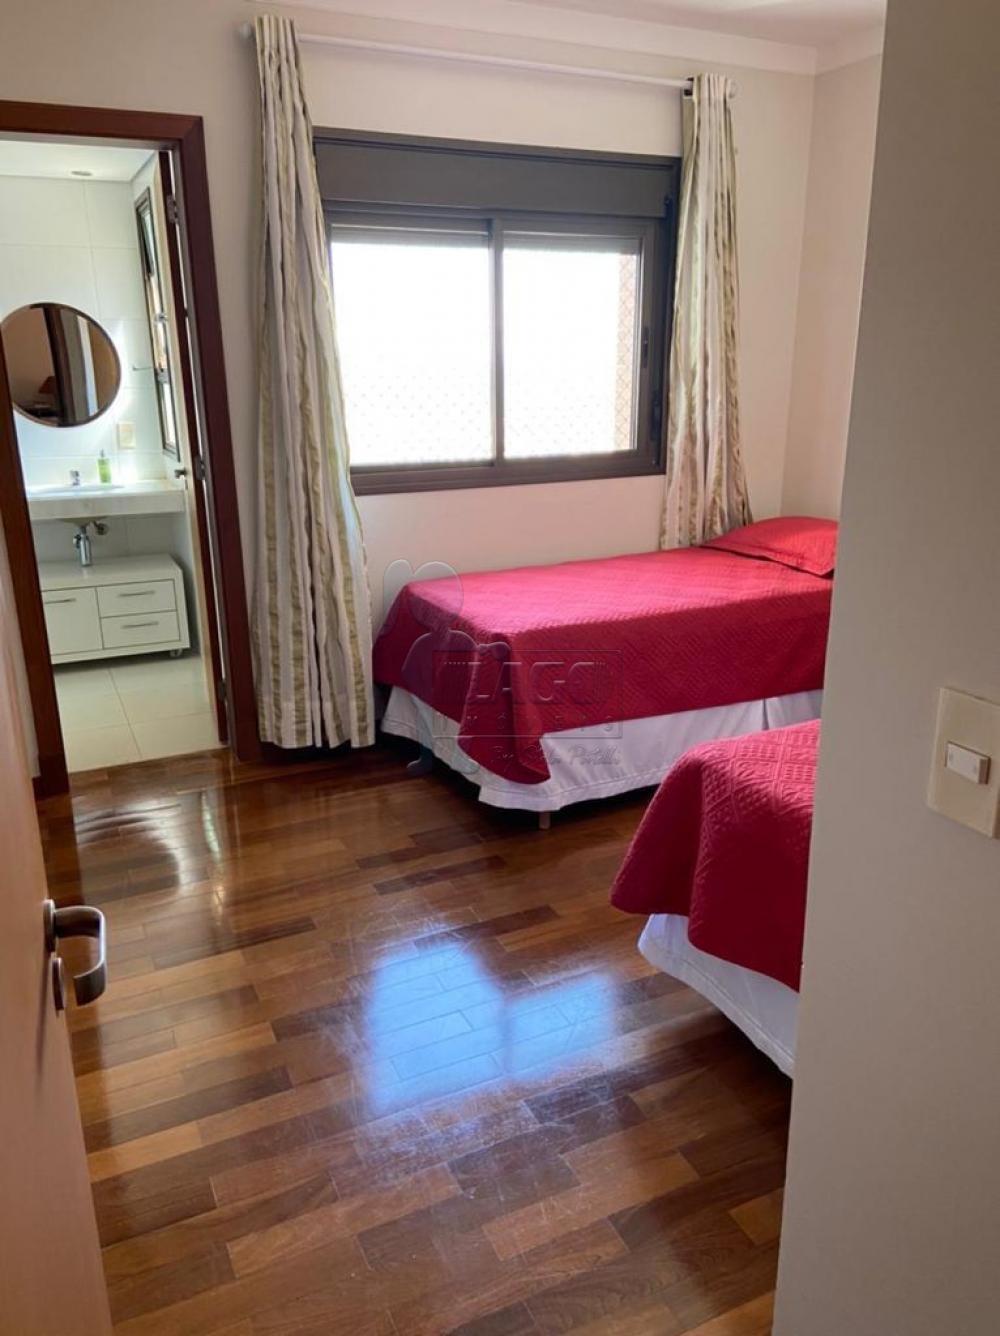 Comprar Apartamento / Padrão em Ribeirão Preto R$ 1.300.000,00 - Foto 16